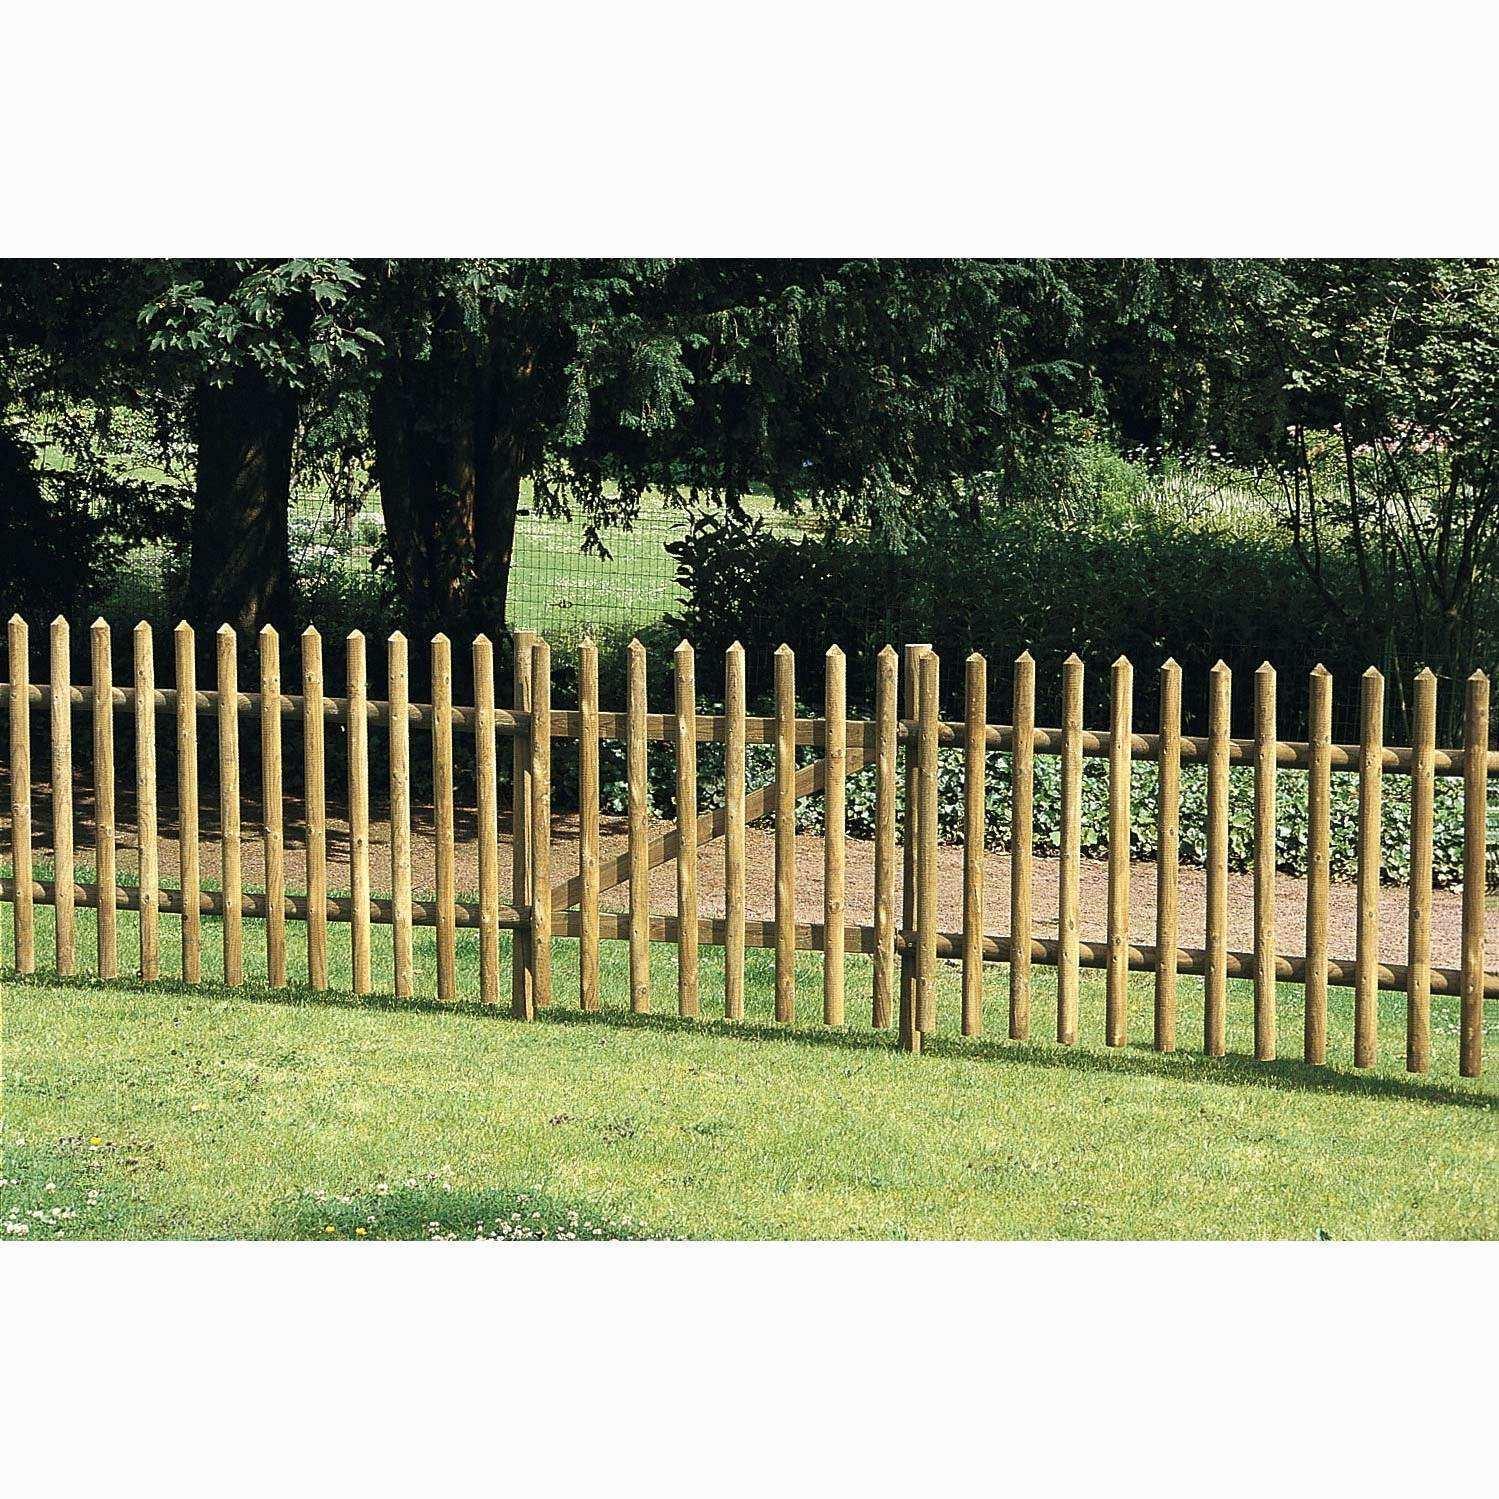 230 Cm Inter Home Bordures Pour Jardin Imitation Brique ... avec Barriere Pour Jardin